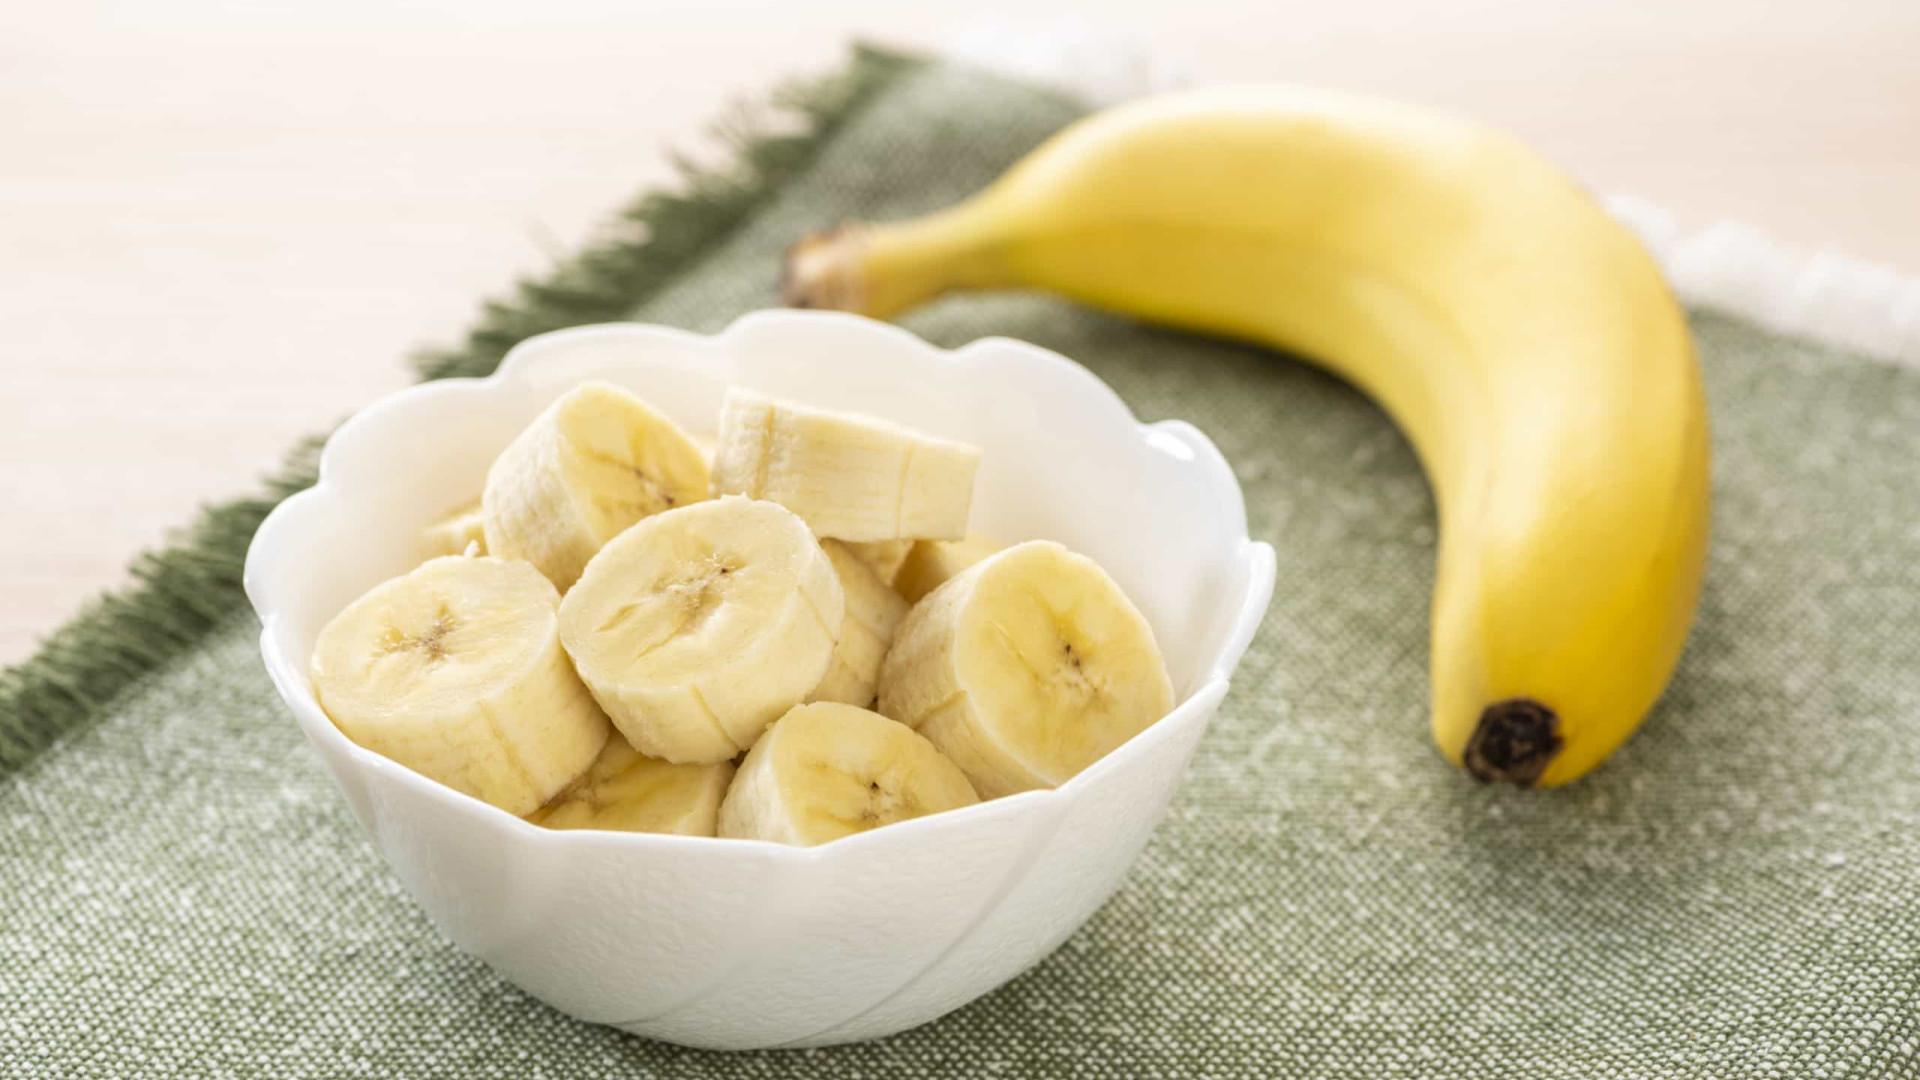 hora ideal para comer banana